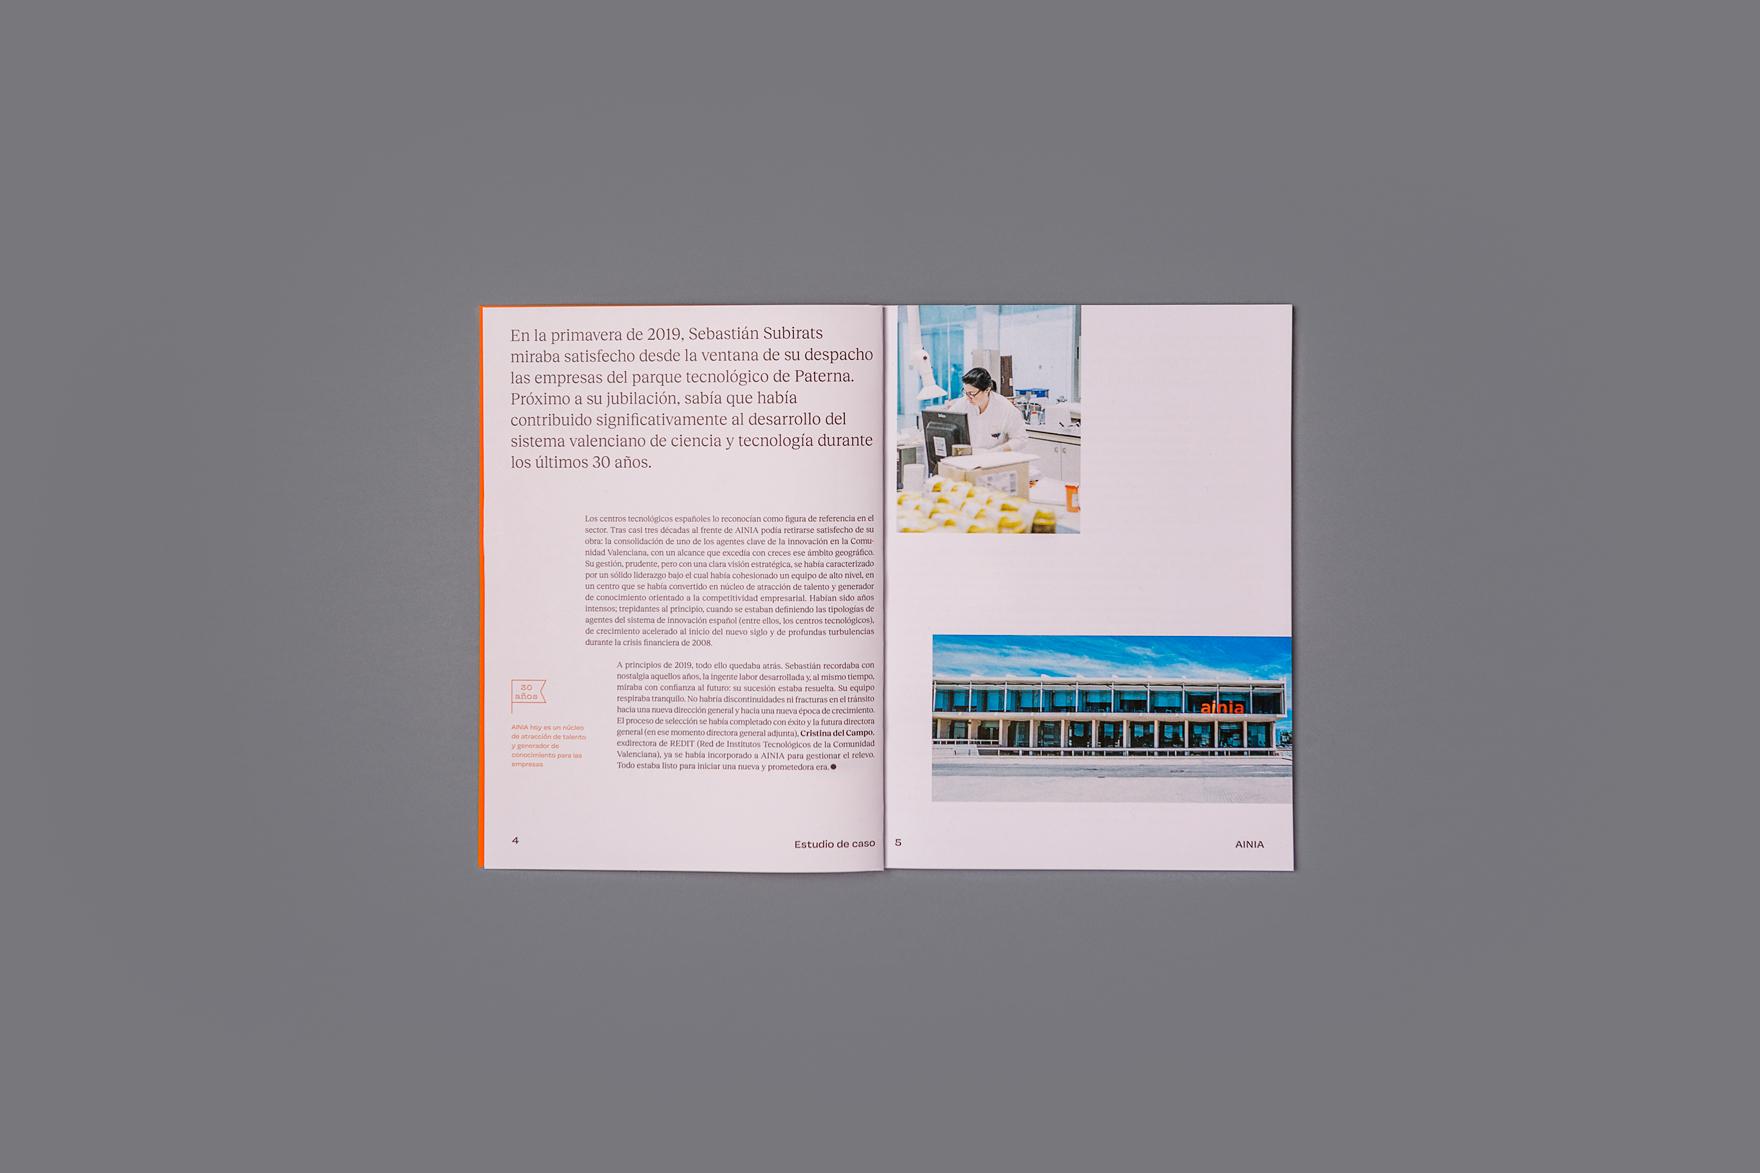 editorial-ainia-estiu-20x